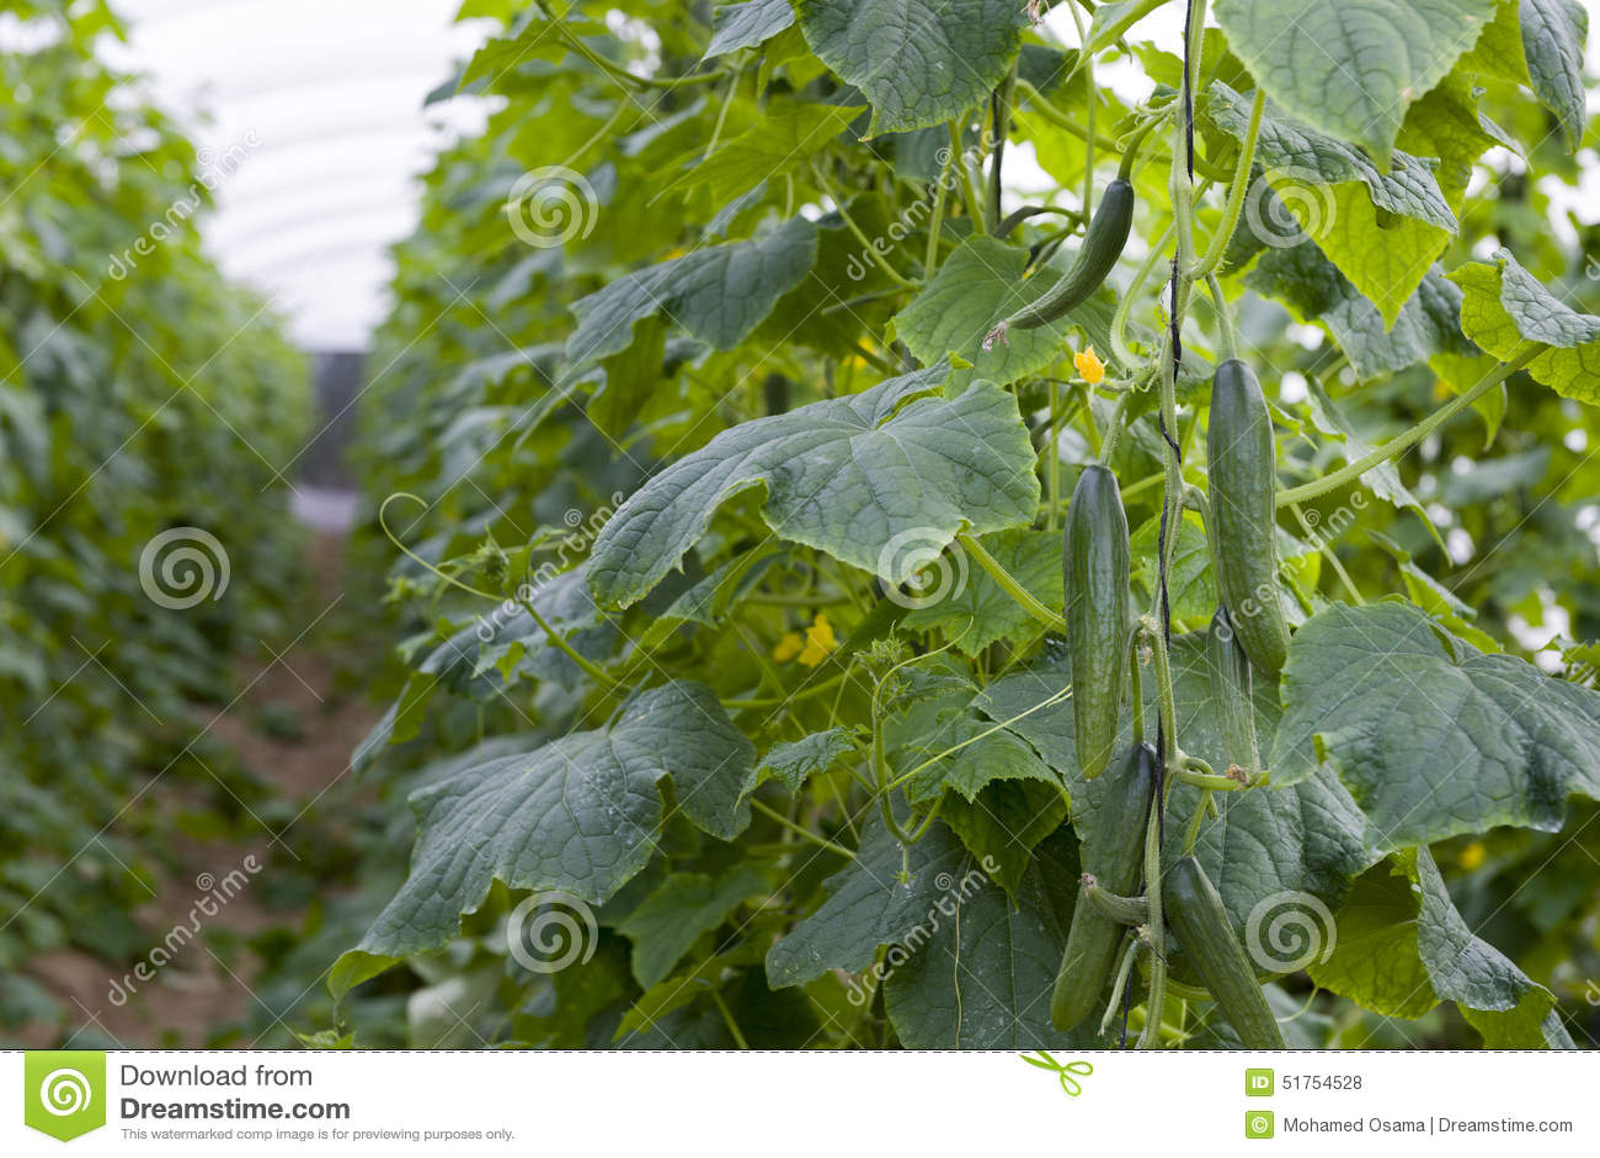 Свежая зеленая линия урожая огурца